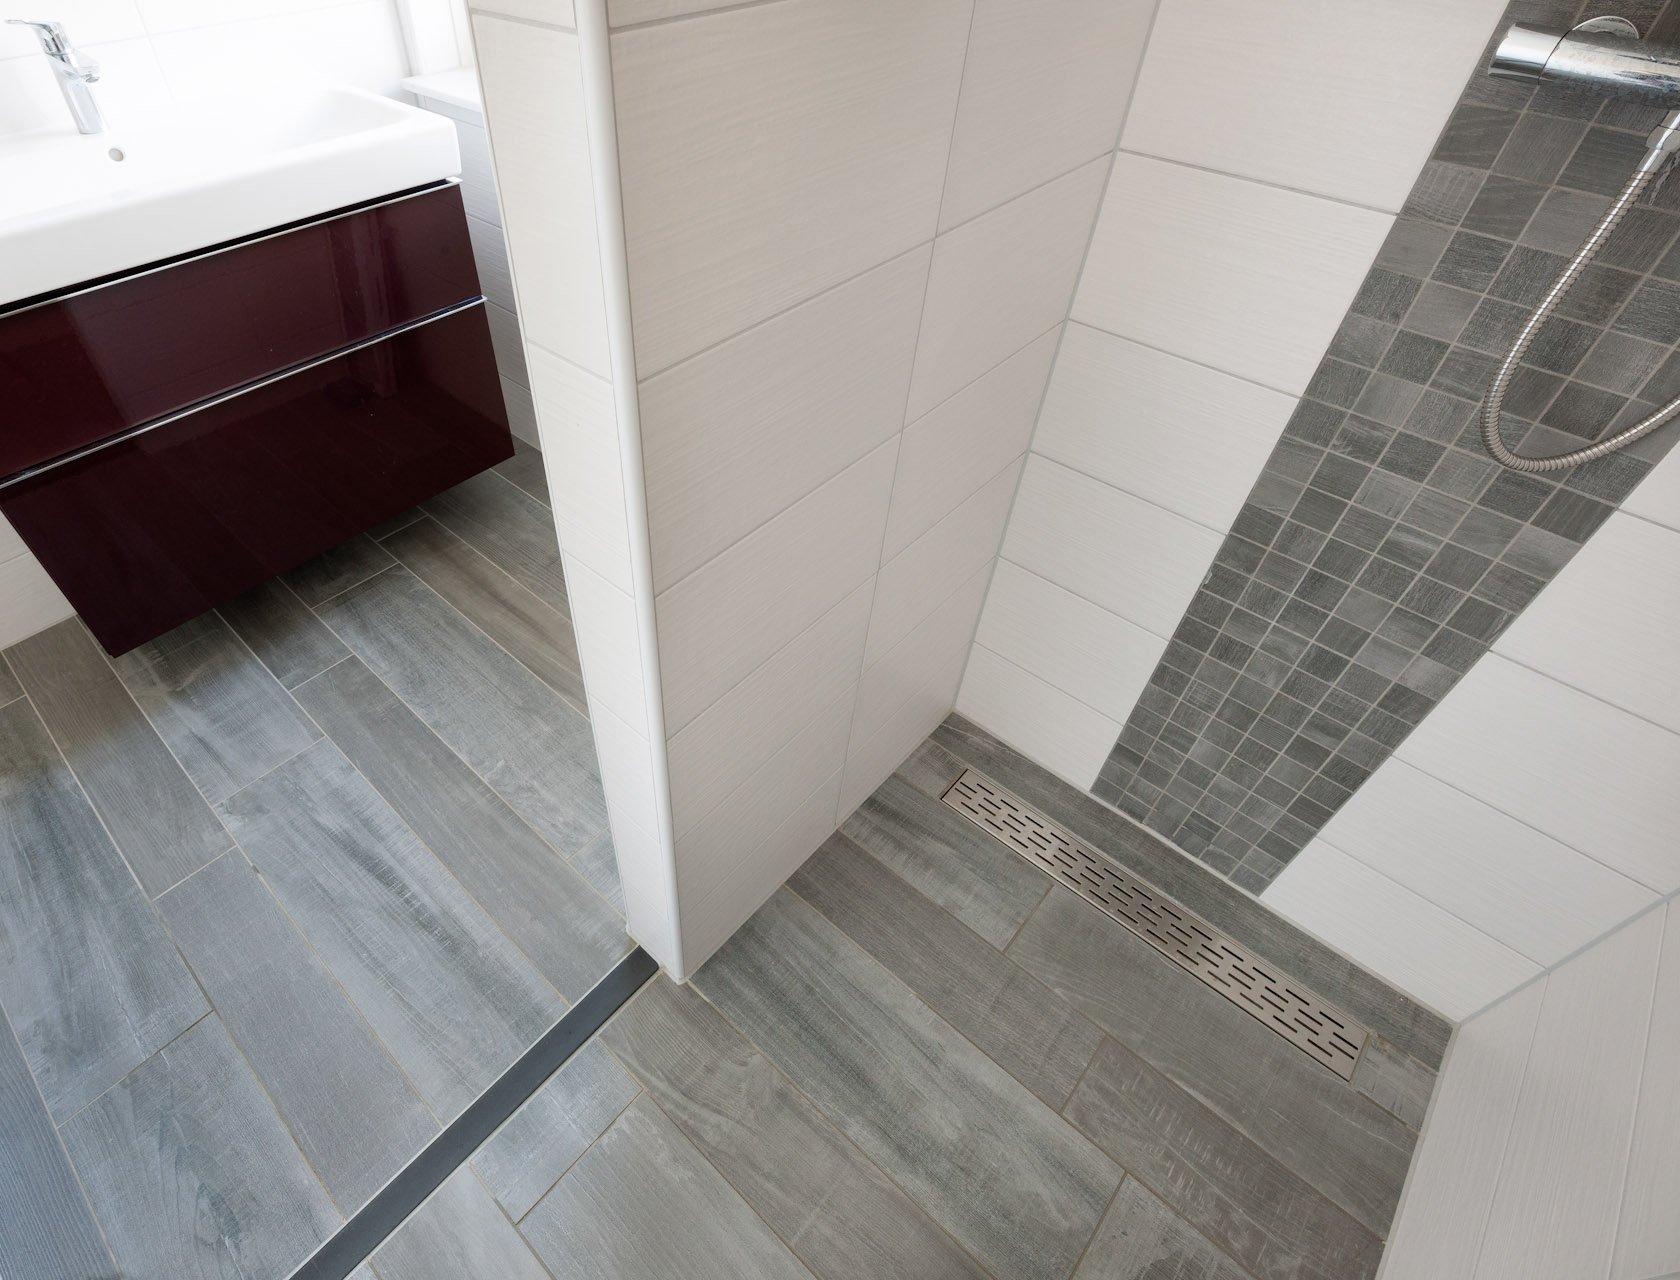 Mozaiek Matten Badkamer : Badkamer met mozaiek tegeltjes excellent topper in je badkamer of